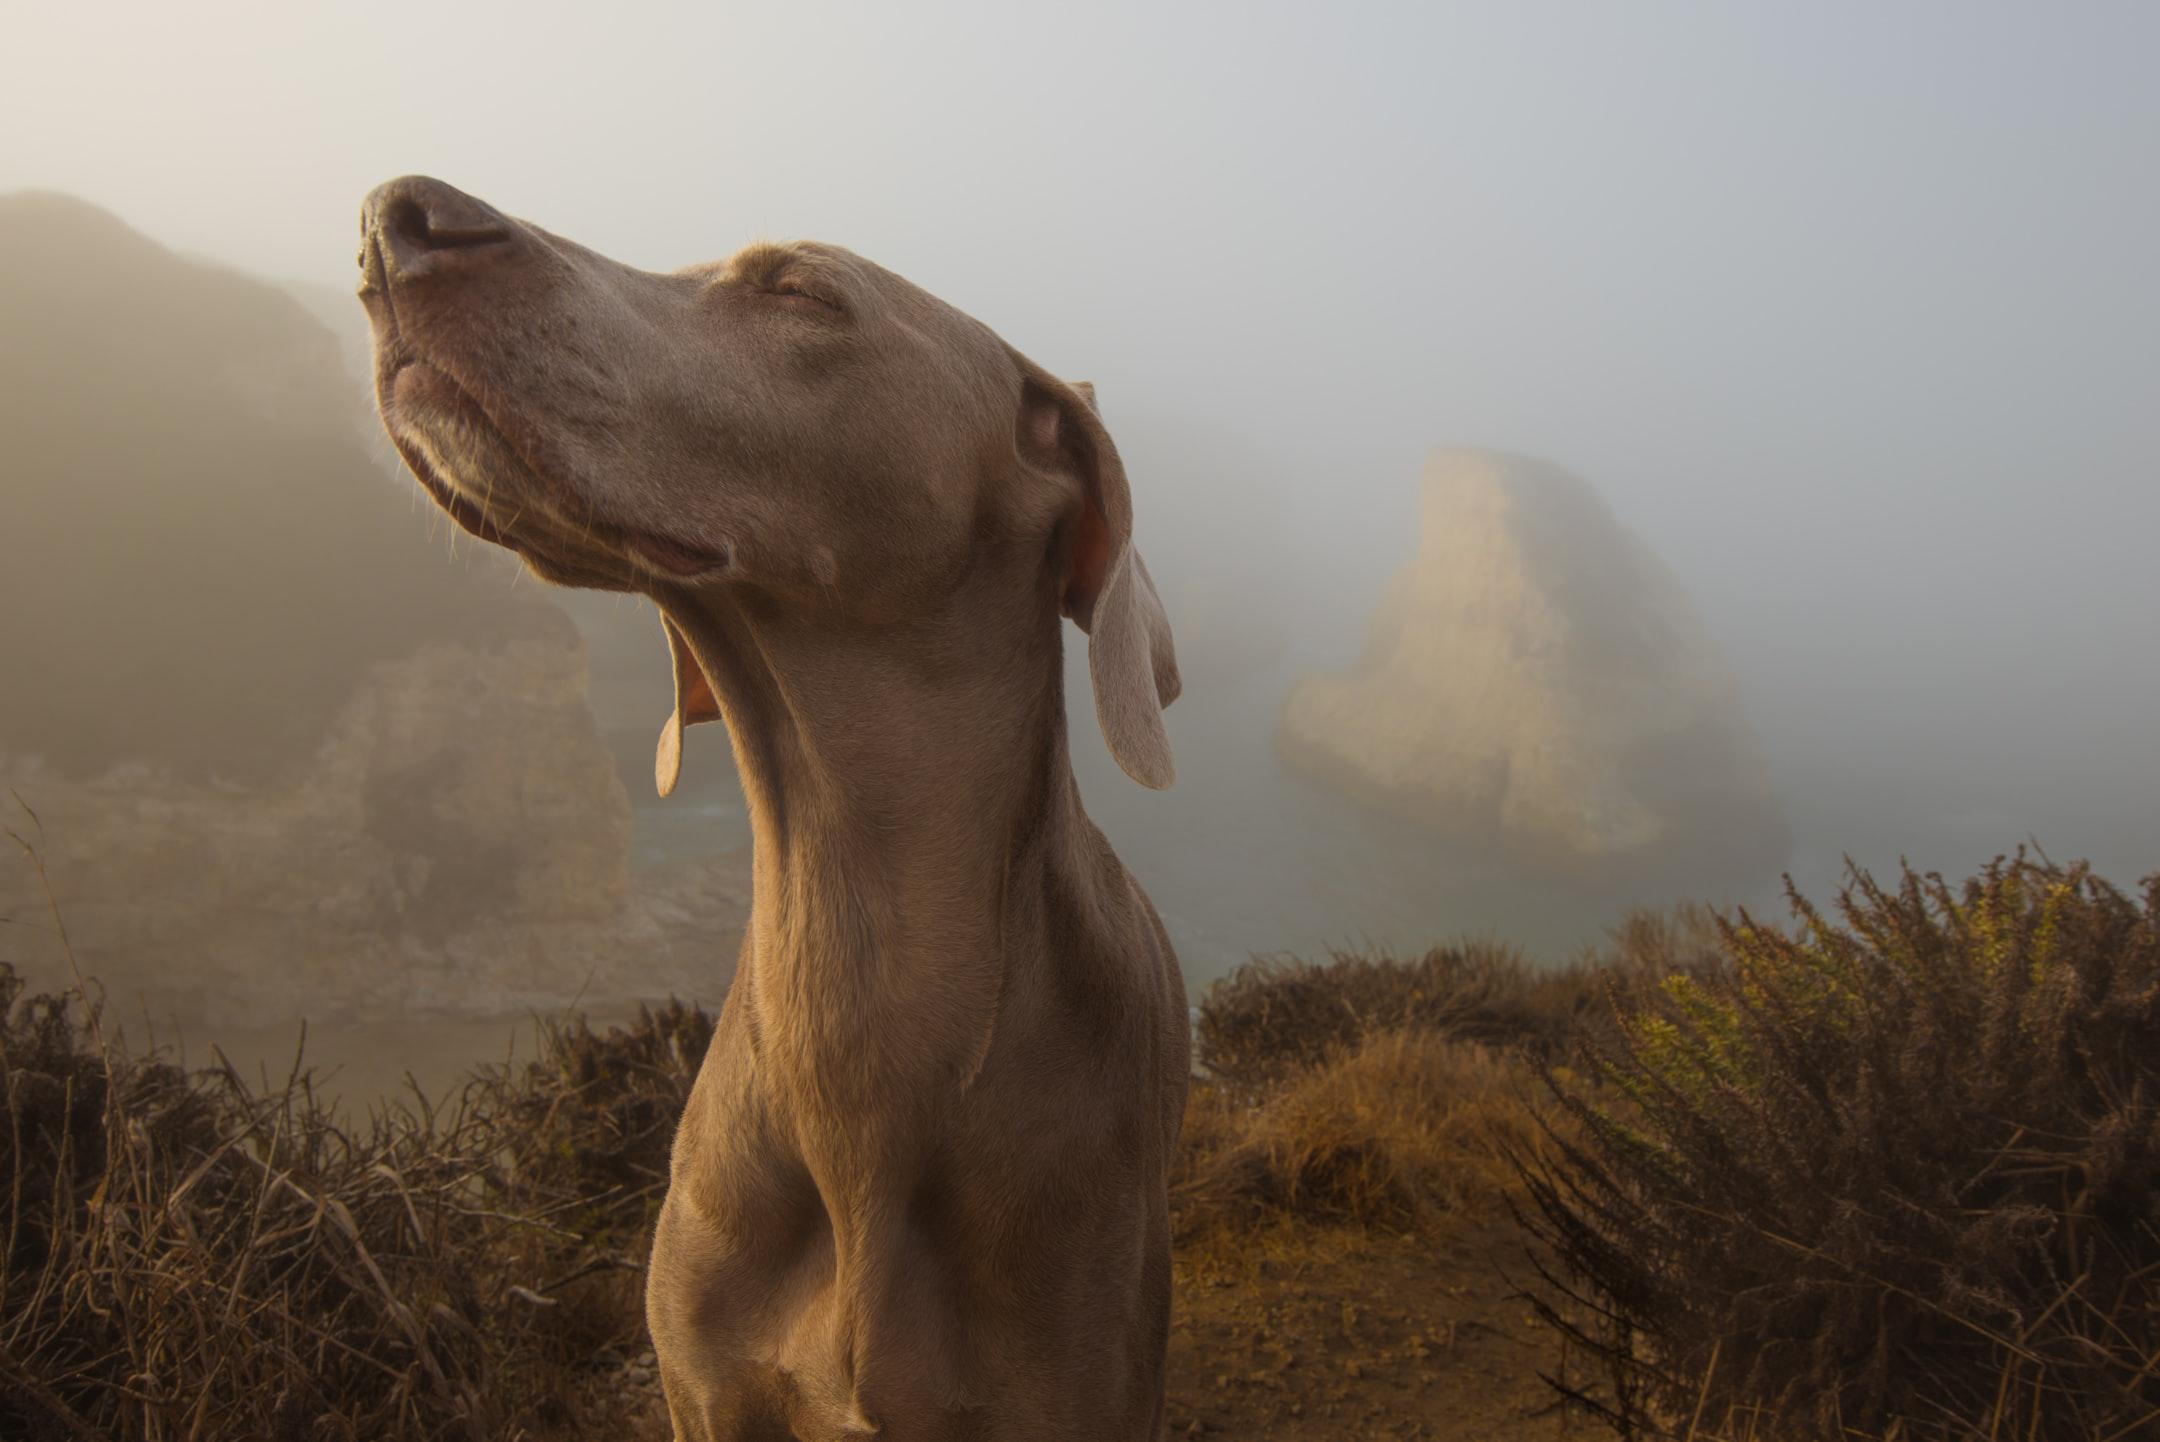 O faro do cachorro é poderoso aponto de detectar odores específicos de doenças.